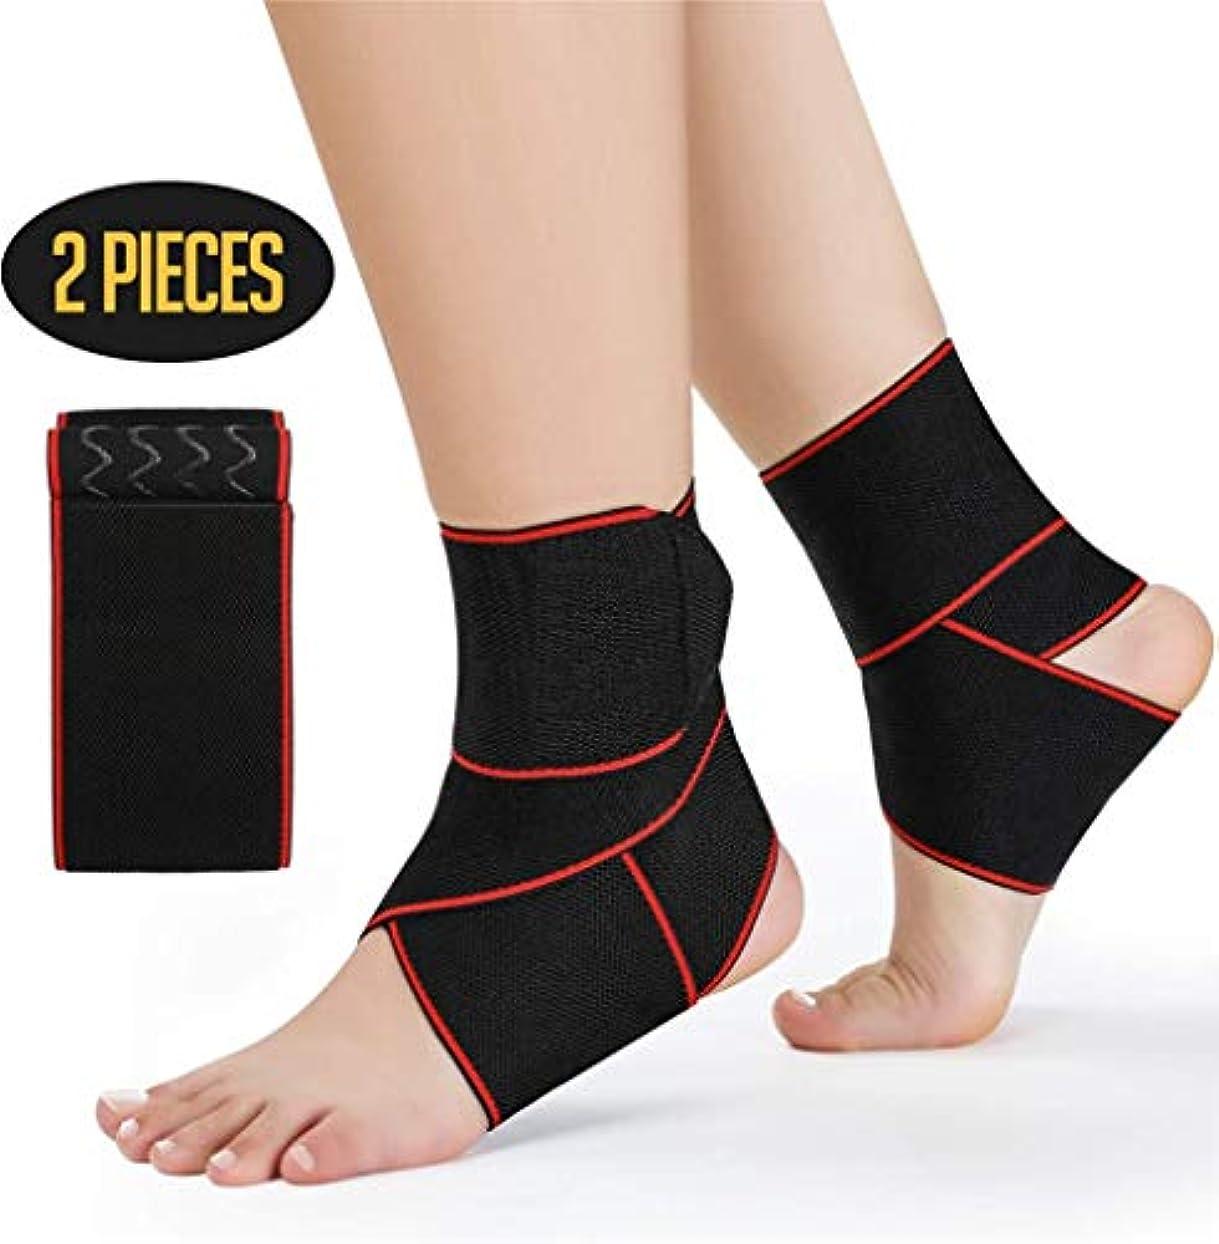 配分確かに歩き回る足首サポート調整可能な足首ブレースナイロン弾性素材足首ラップ関節の痛み、捻rain疲労、靭帯損傷、アキレス腱、すべてのスポーツにフィット